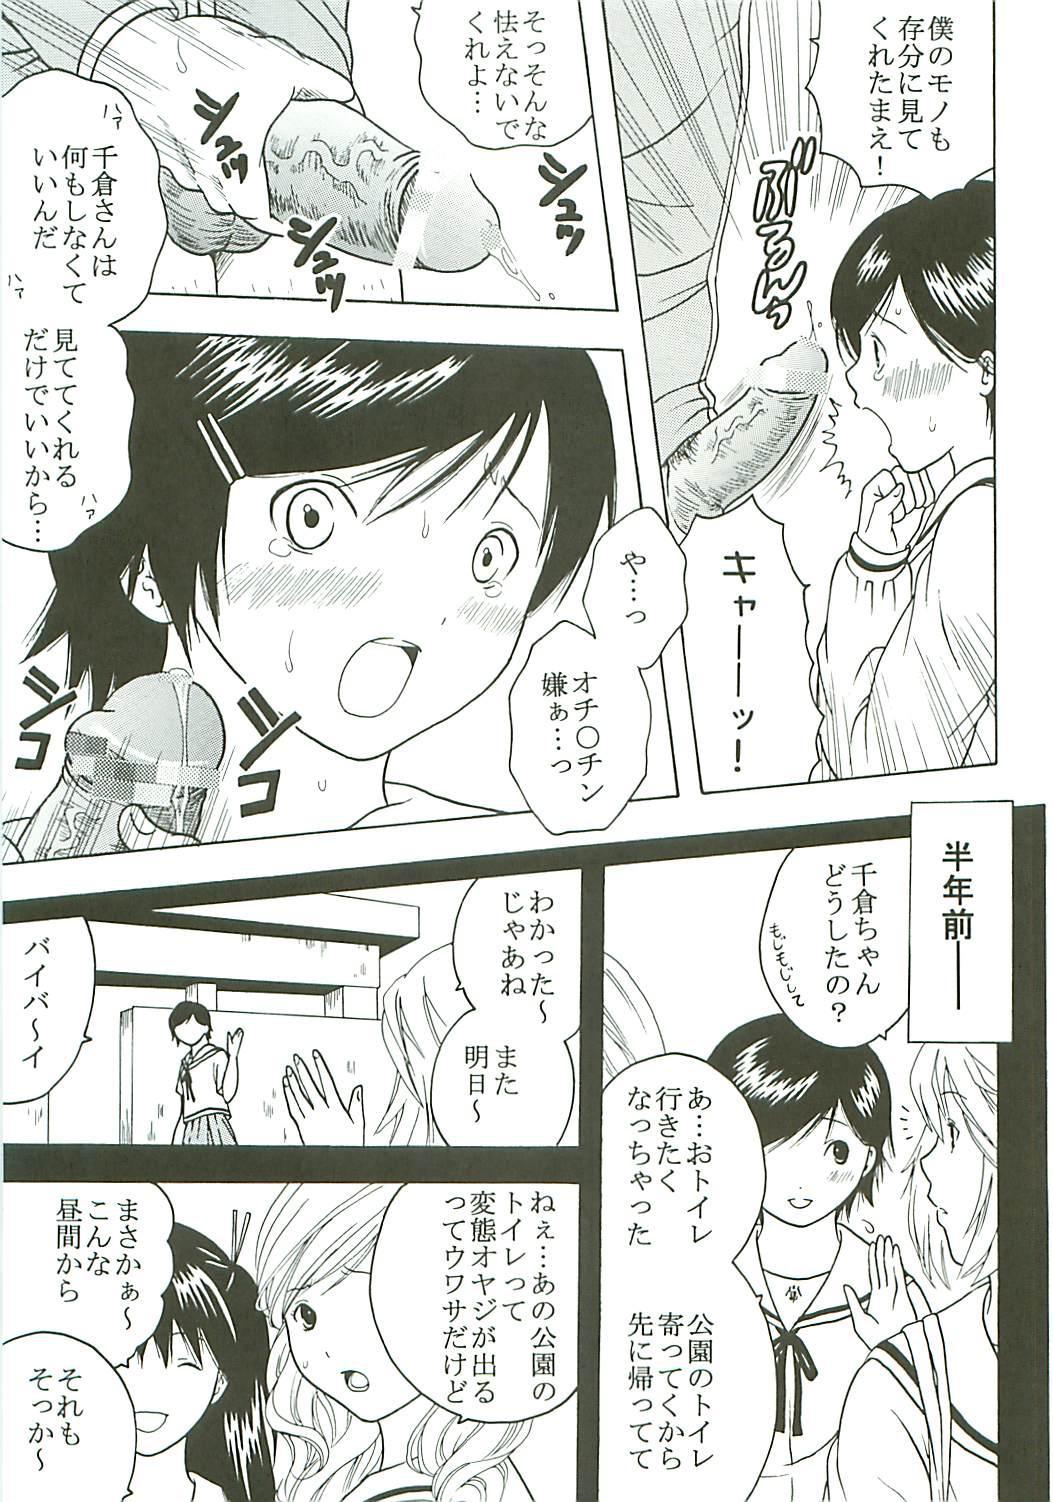 Chitsui Gentei Nakadashi Limited vol.4 7